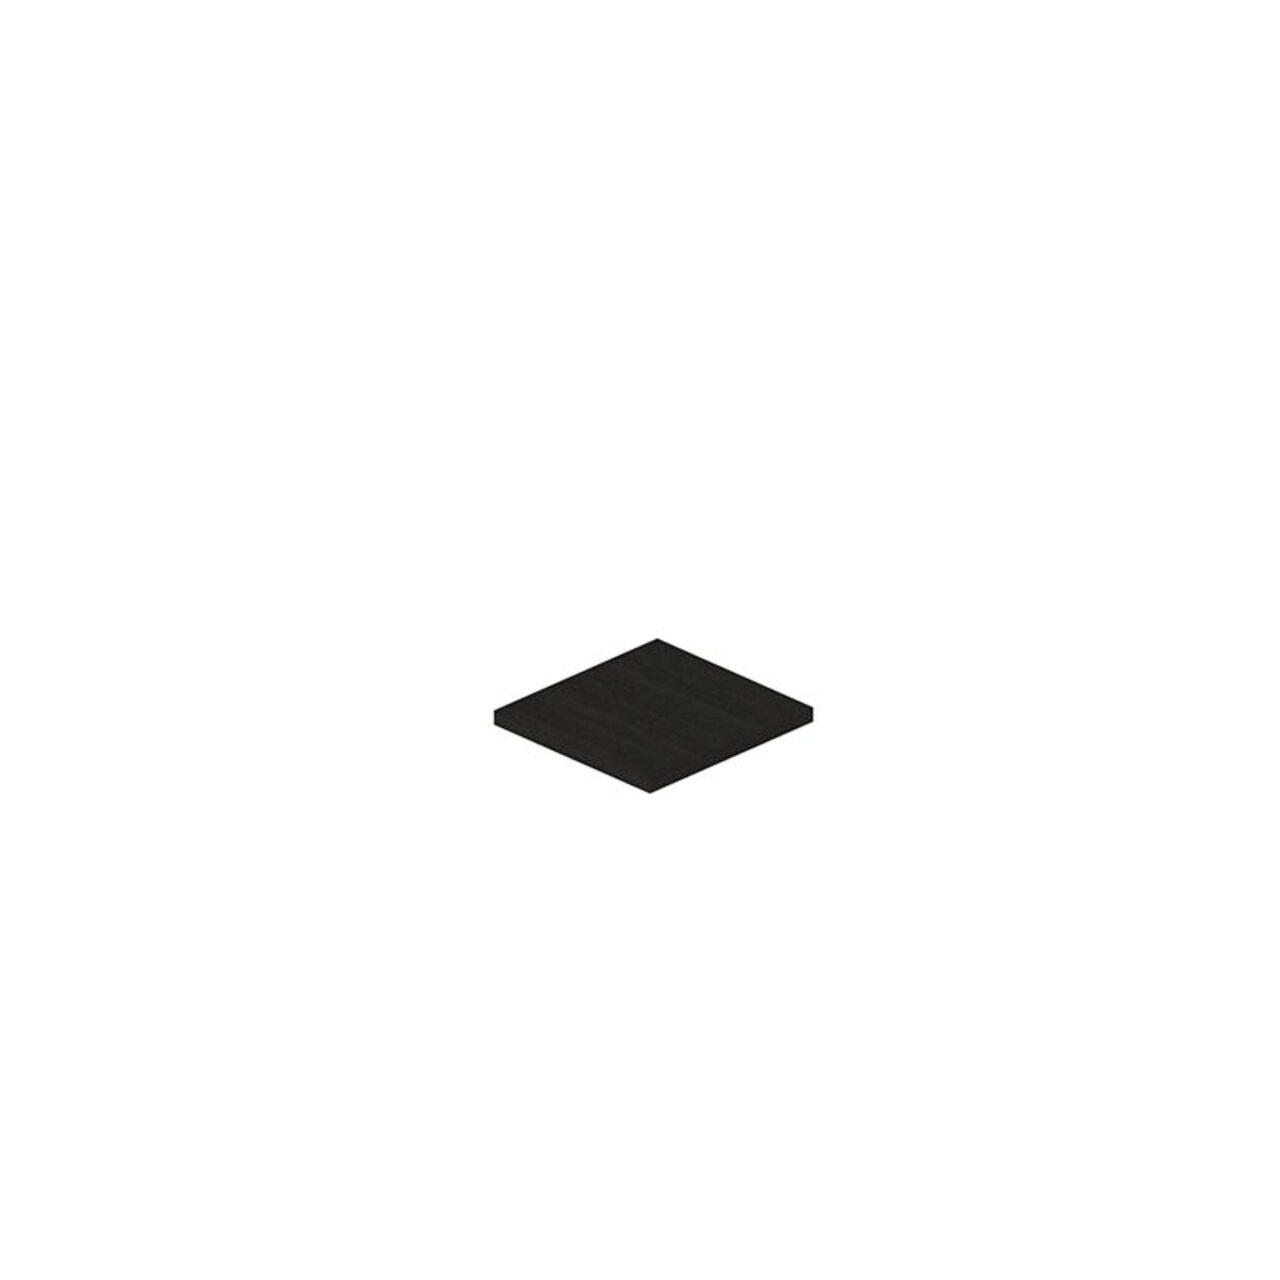 Топ декоративный для стеллажей  Бонд 44x46x4 - фото 1